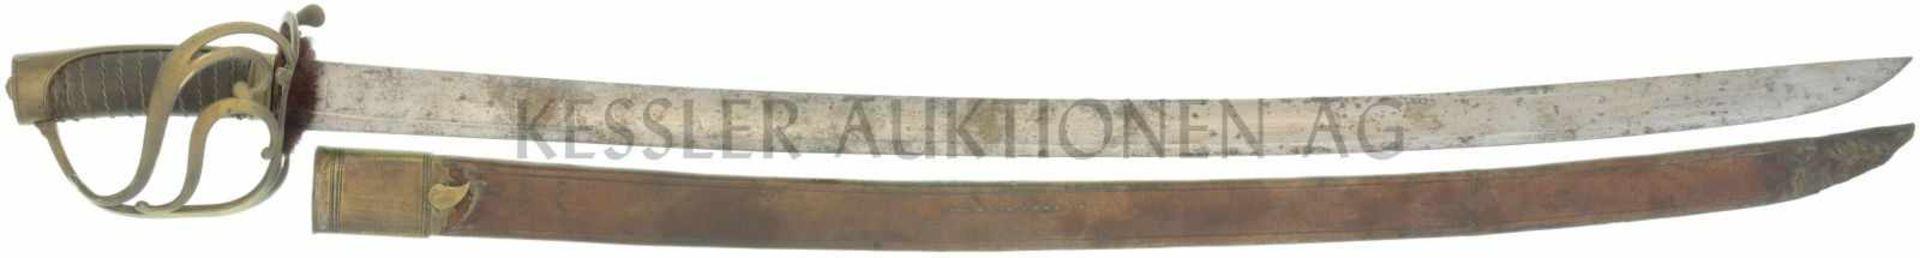 Säbel Frankreich um 1795, Offizier KL 850mm, TL 980mm, Rückenklinge mit beidseitiger breiter